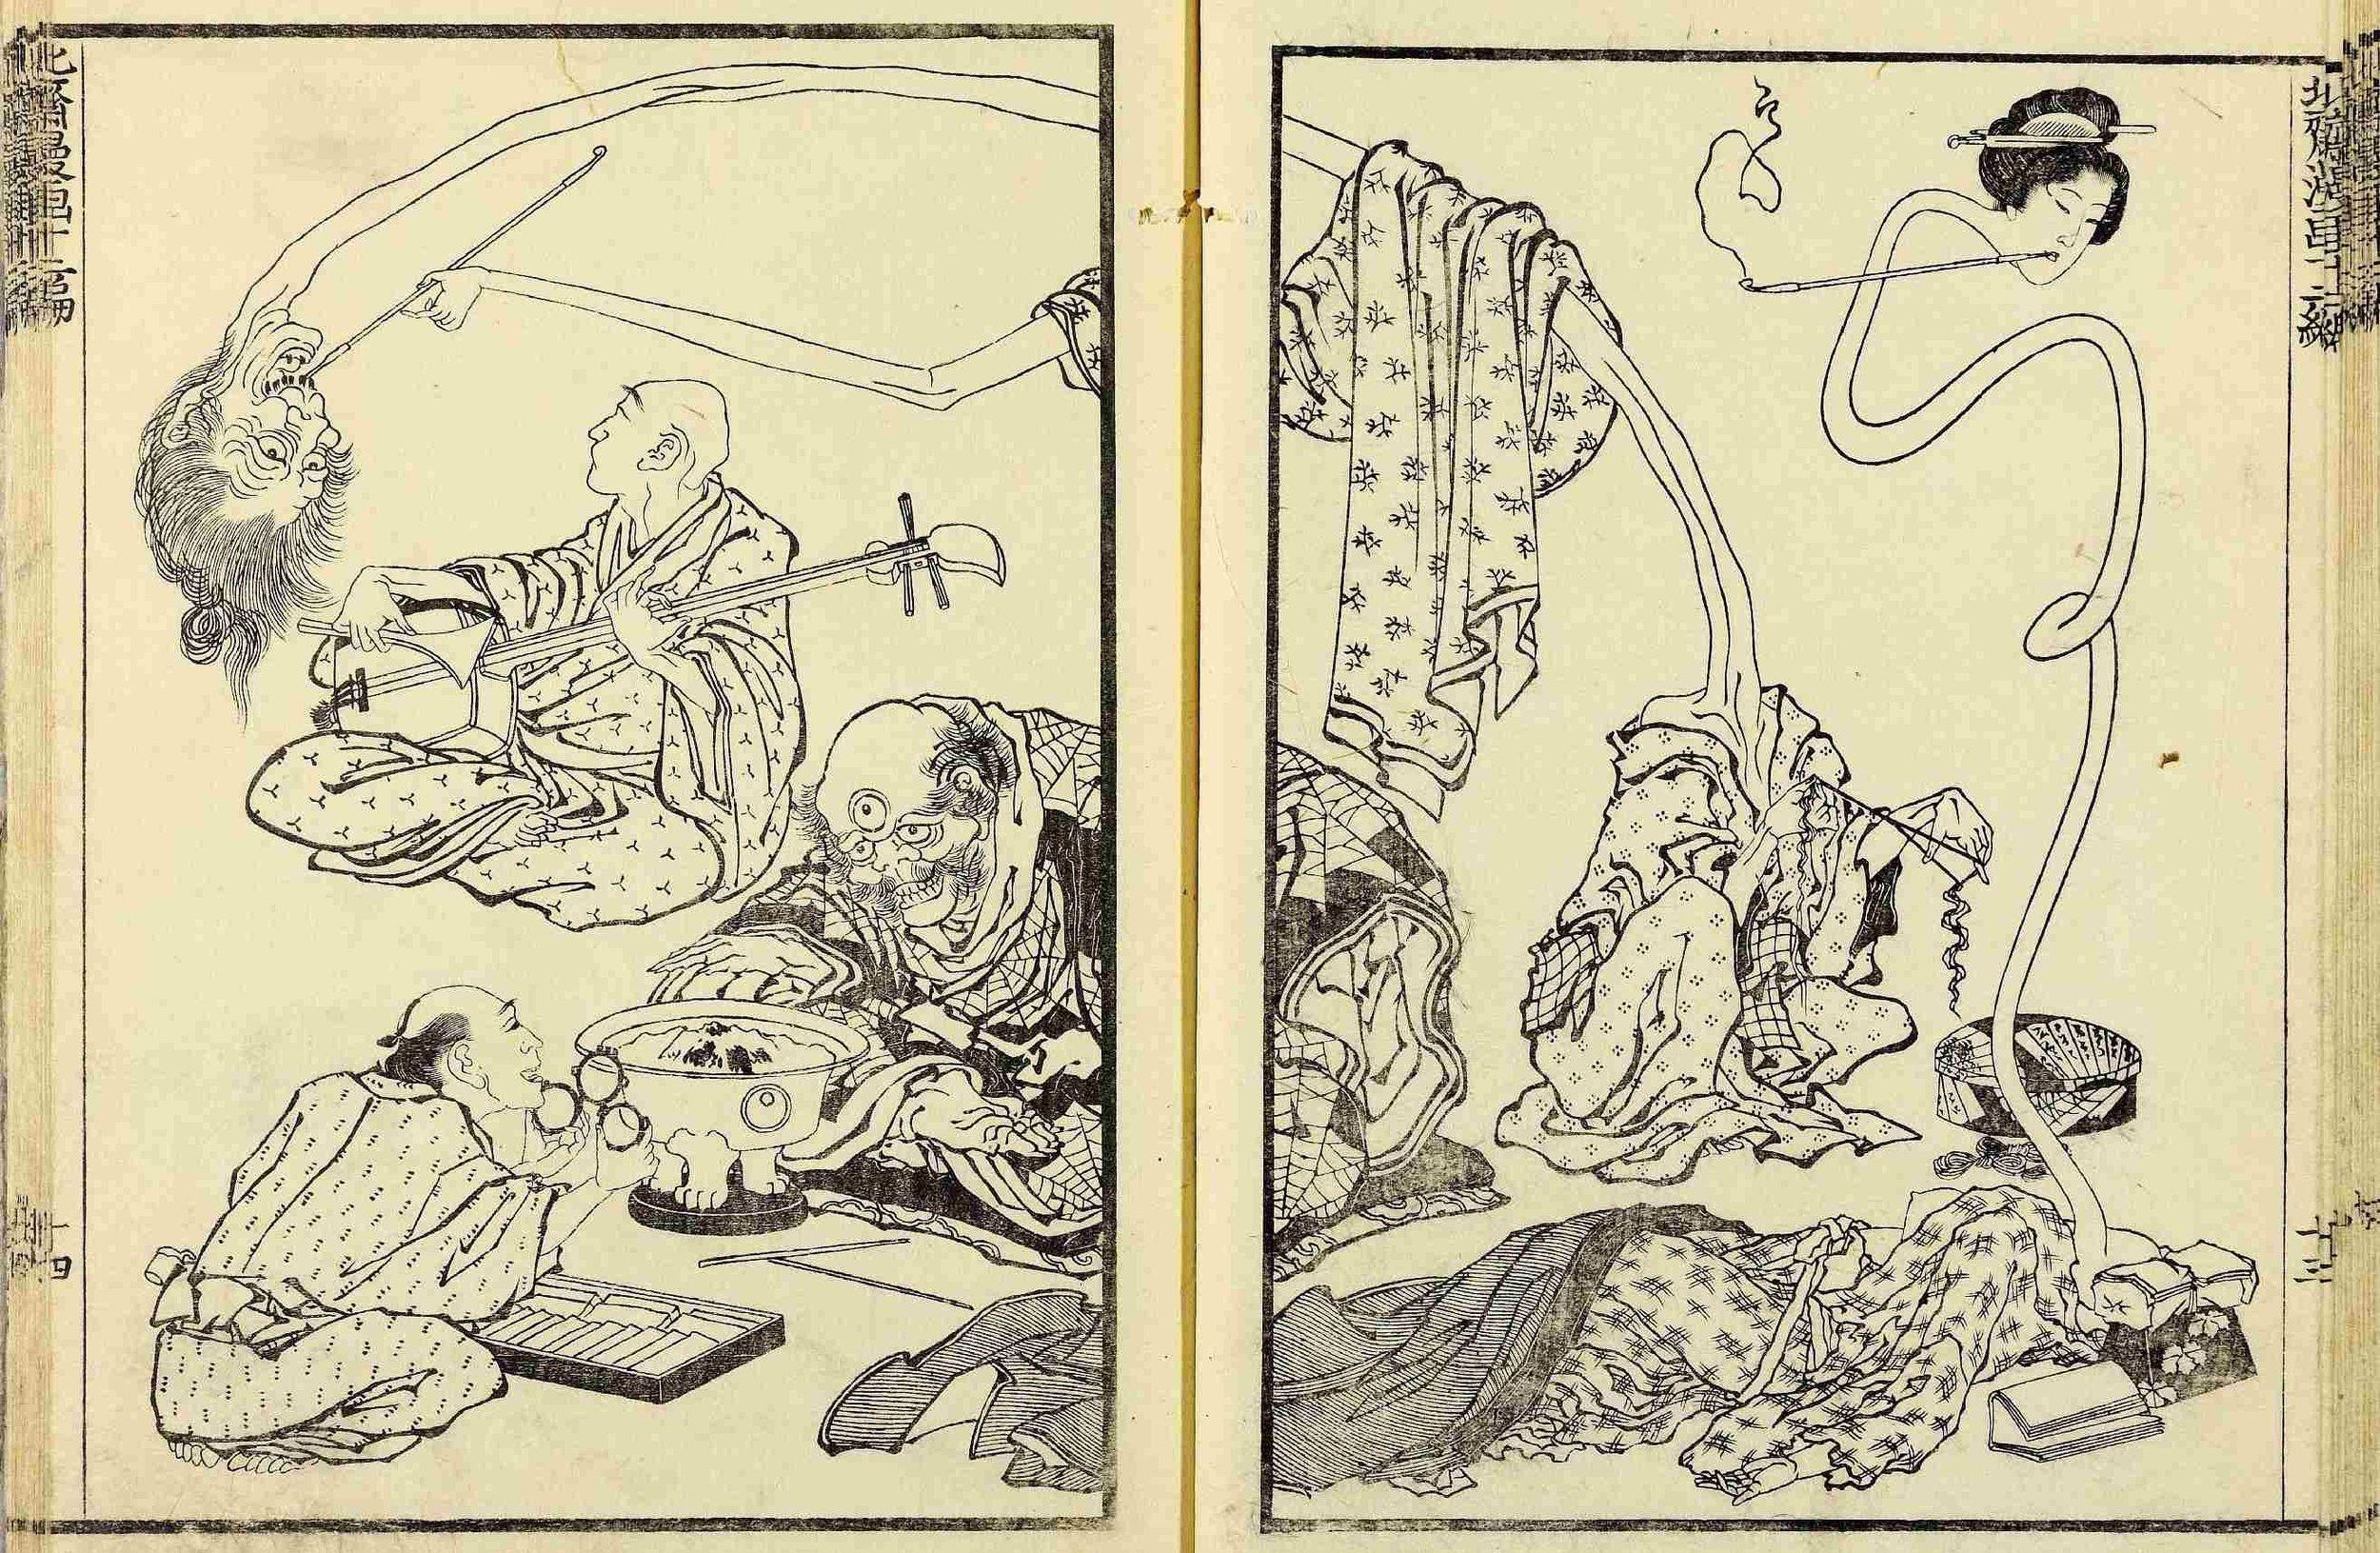 Vampires ,  Hokusai Manga , Planche du manuel de dessin volume XII, 1817, Leyde, Musée national d'ethnologie